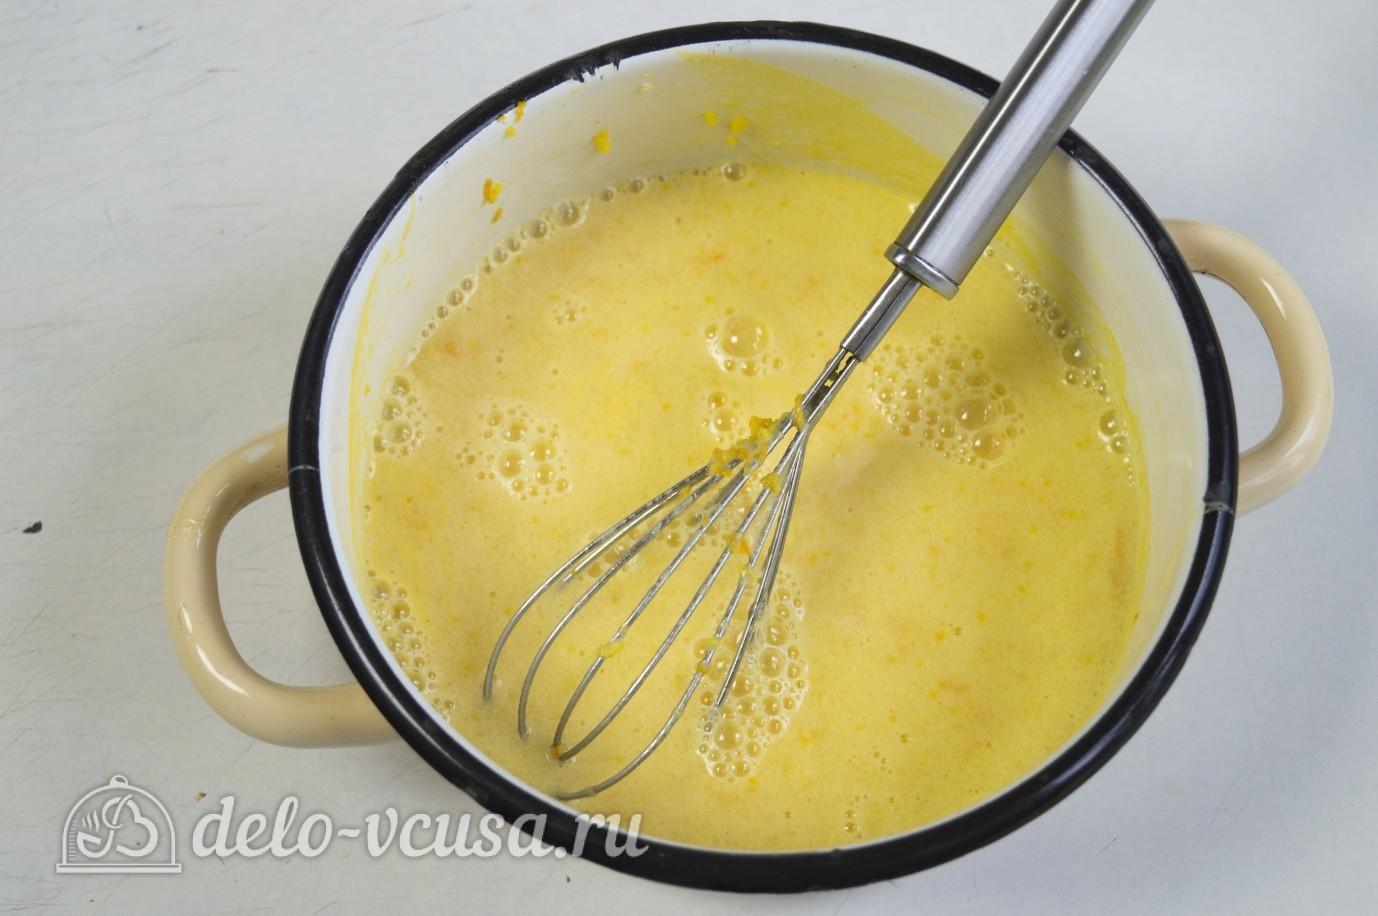 Пропитка для торта в домашних условиях пошаговый рецепт